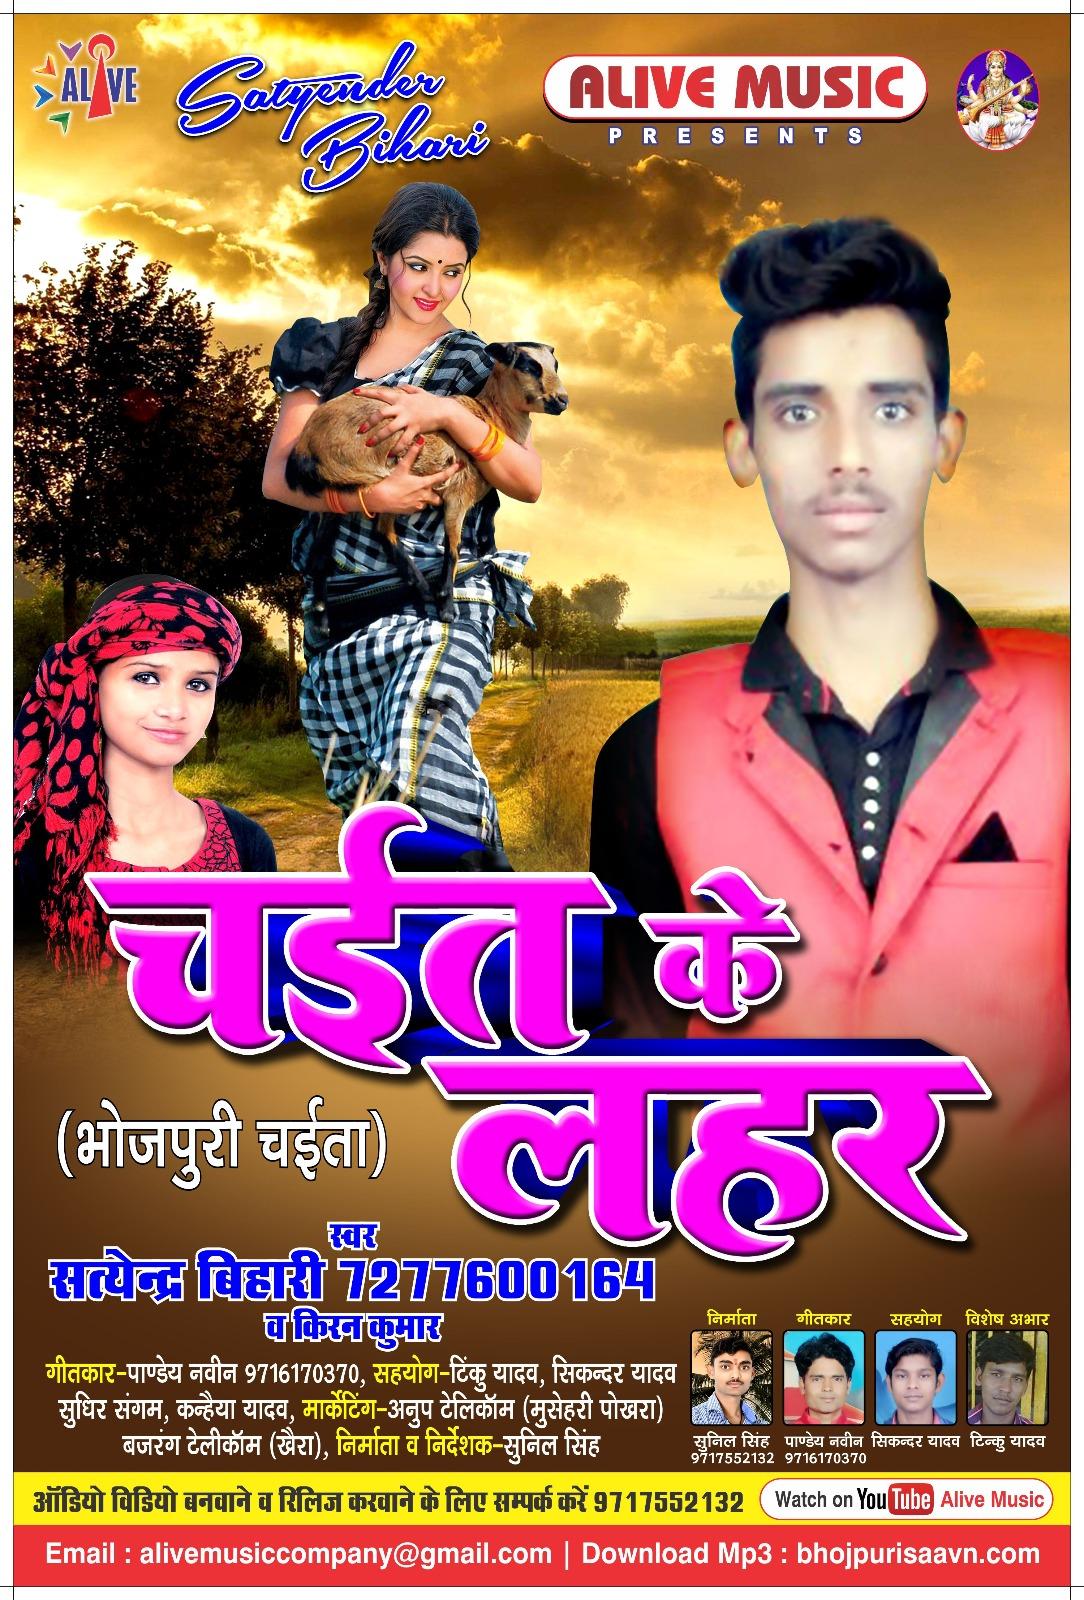 Chet kelahr bhojpuri video songs